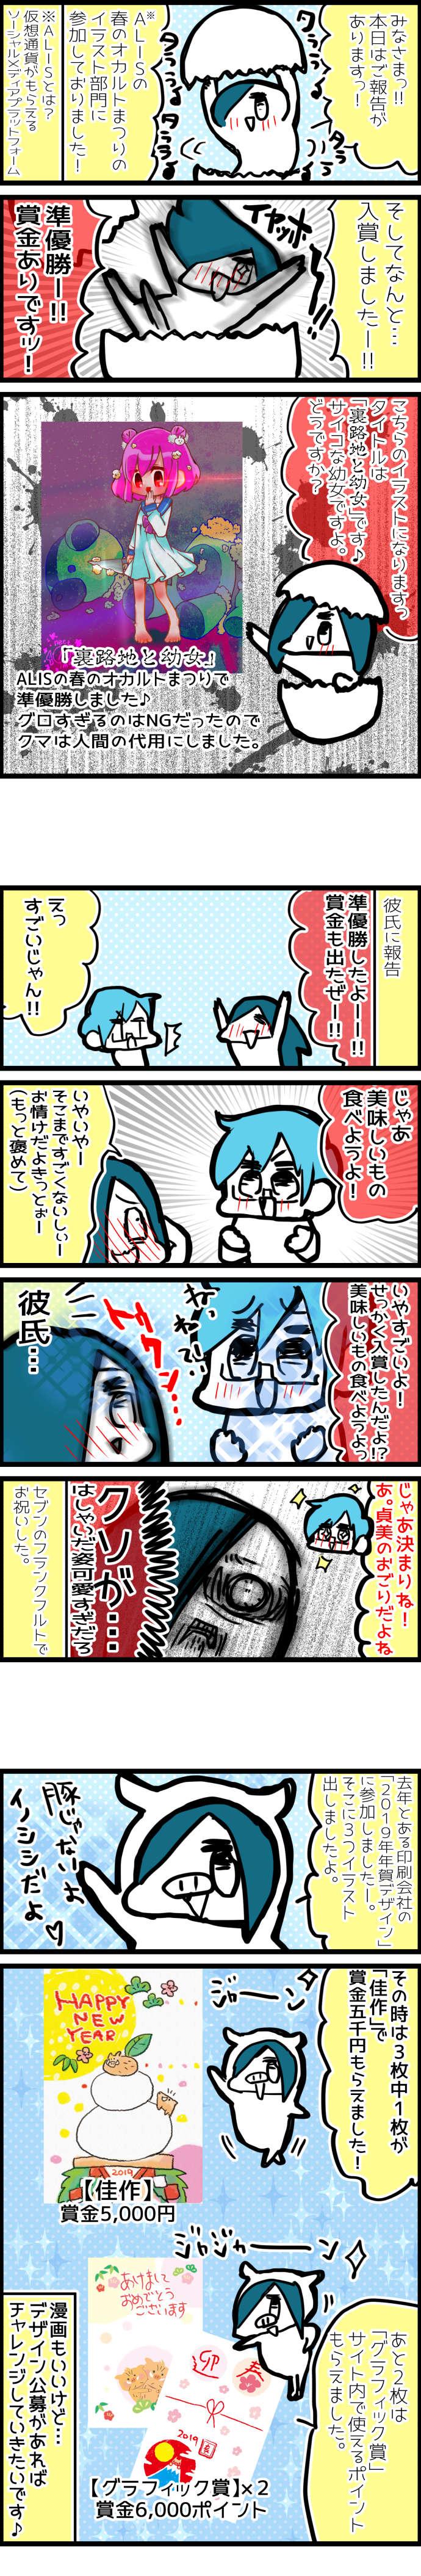 neetsadami.com_26話